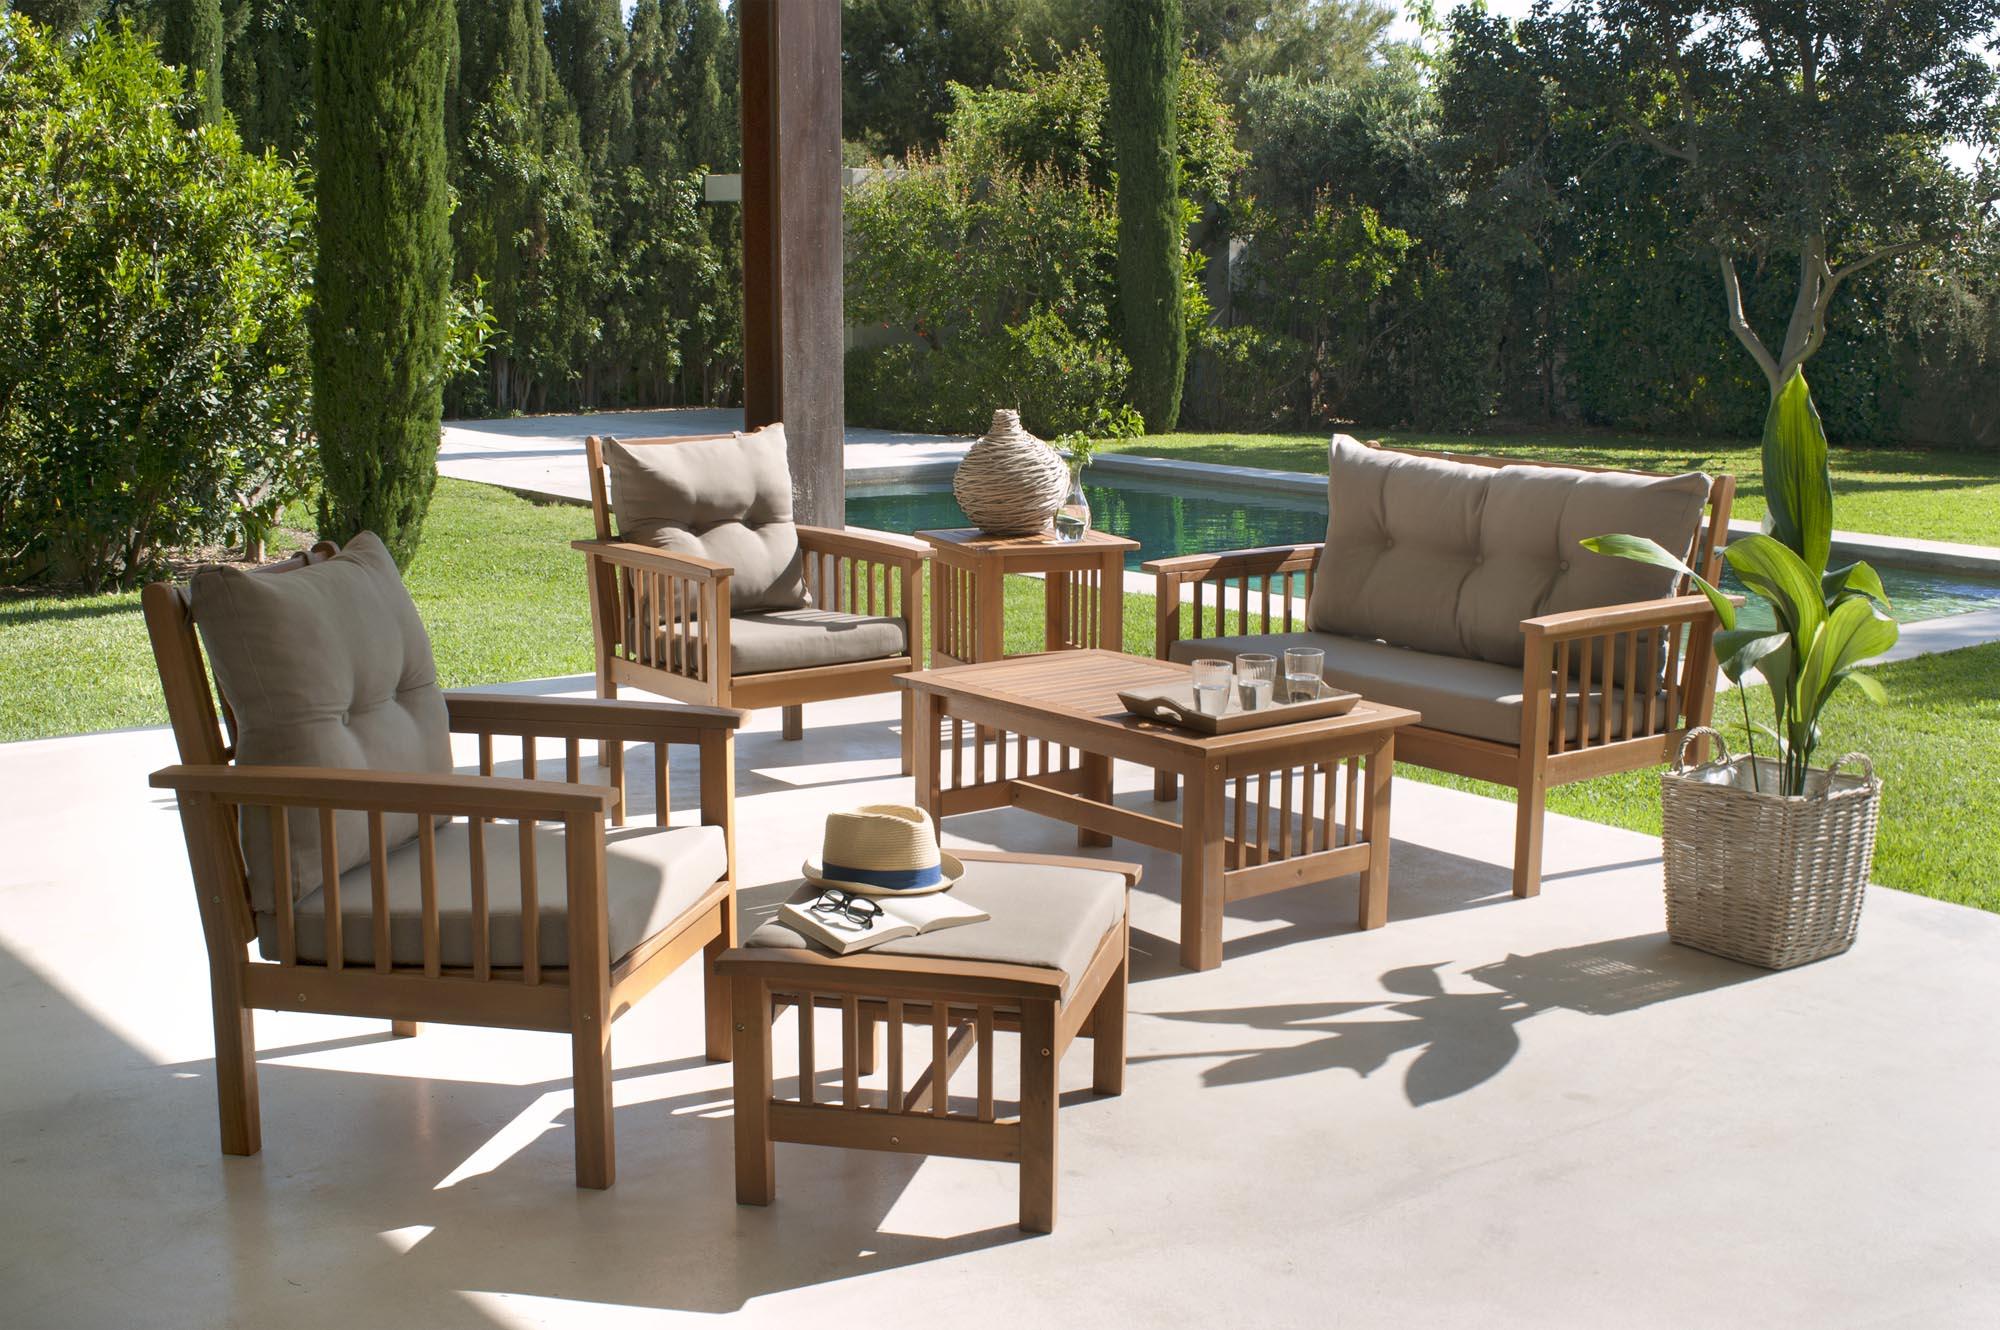 Salon Jardin Carrefour Des Idées - Idees Conception Jardin avec Salon De Jardin Pas Cher Carrefour